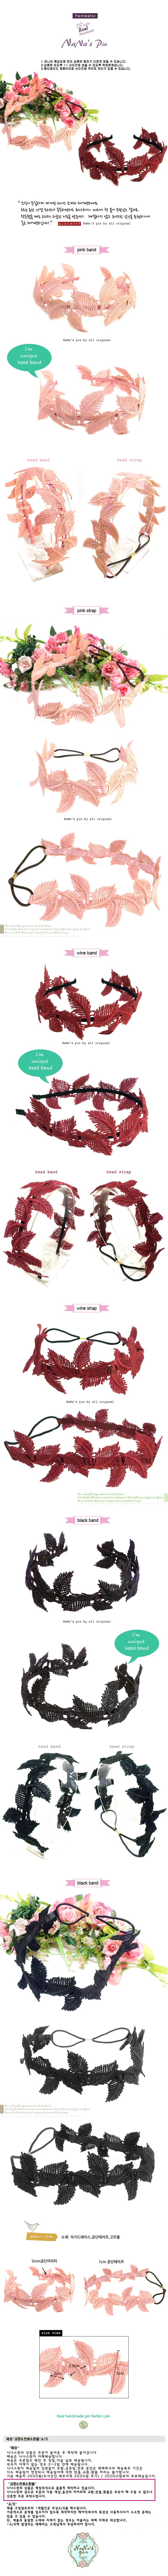 leafs lace strap - 나나스핀, 9,000원, 헤어핀/밴드/끈, 헤어밴드